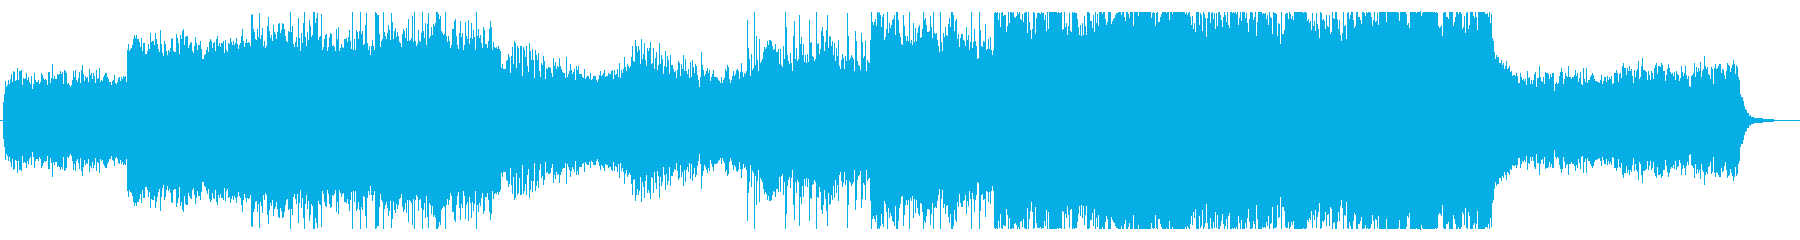 星空をイメージしたアンビエントの再生済みの波形